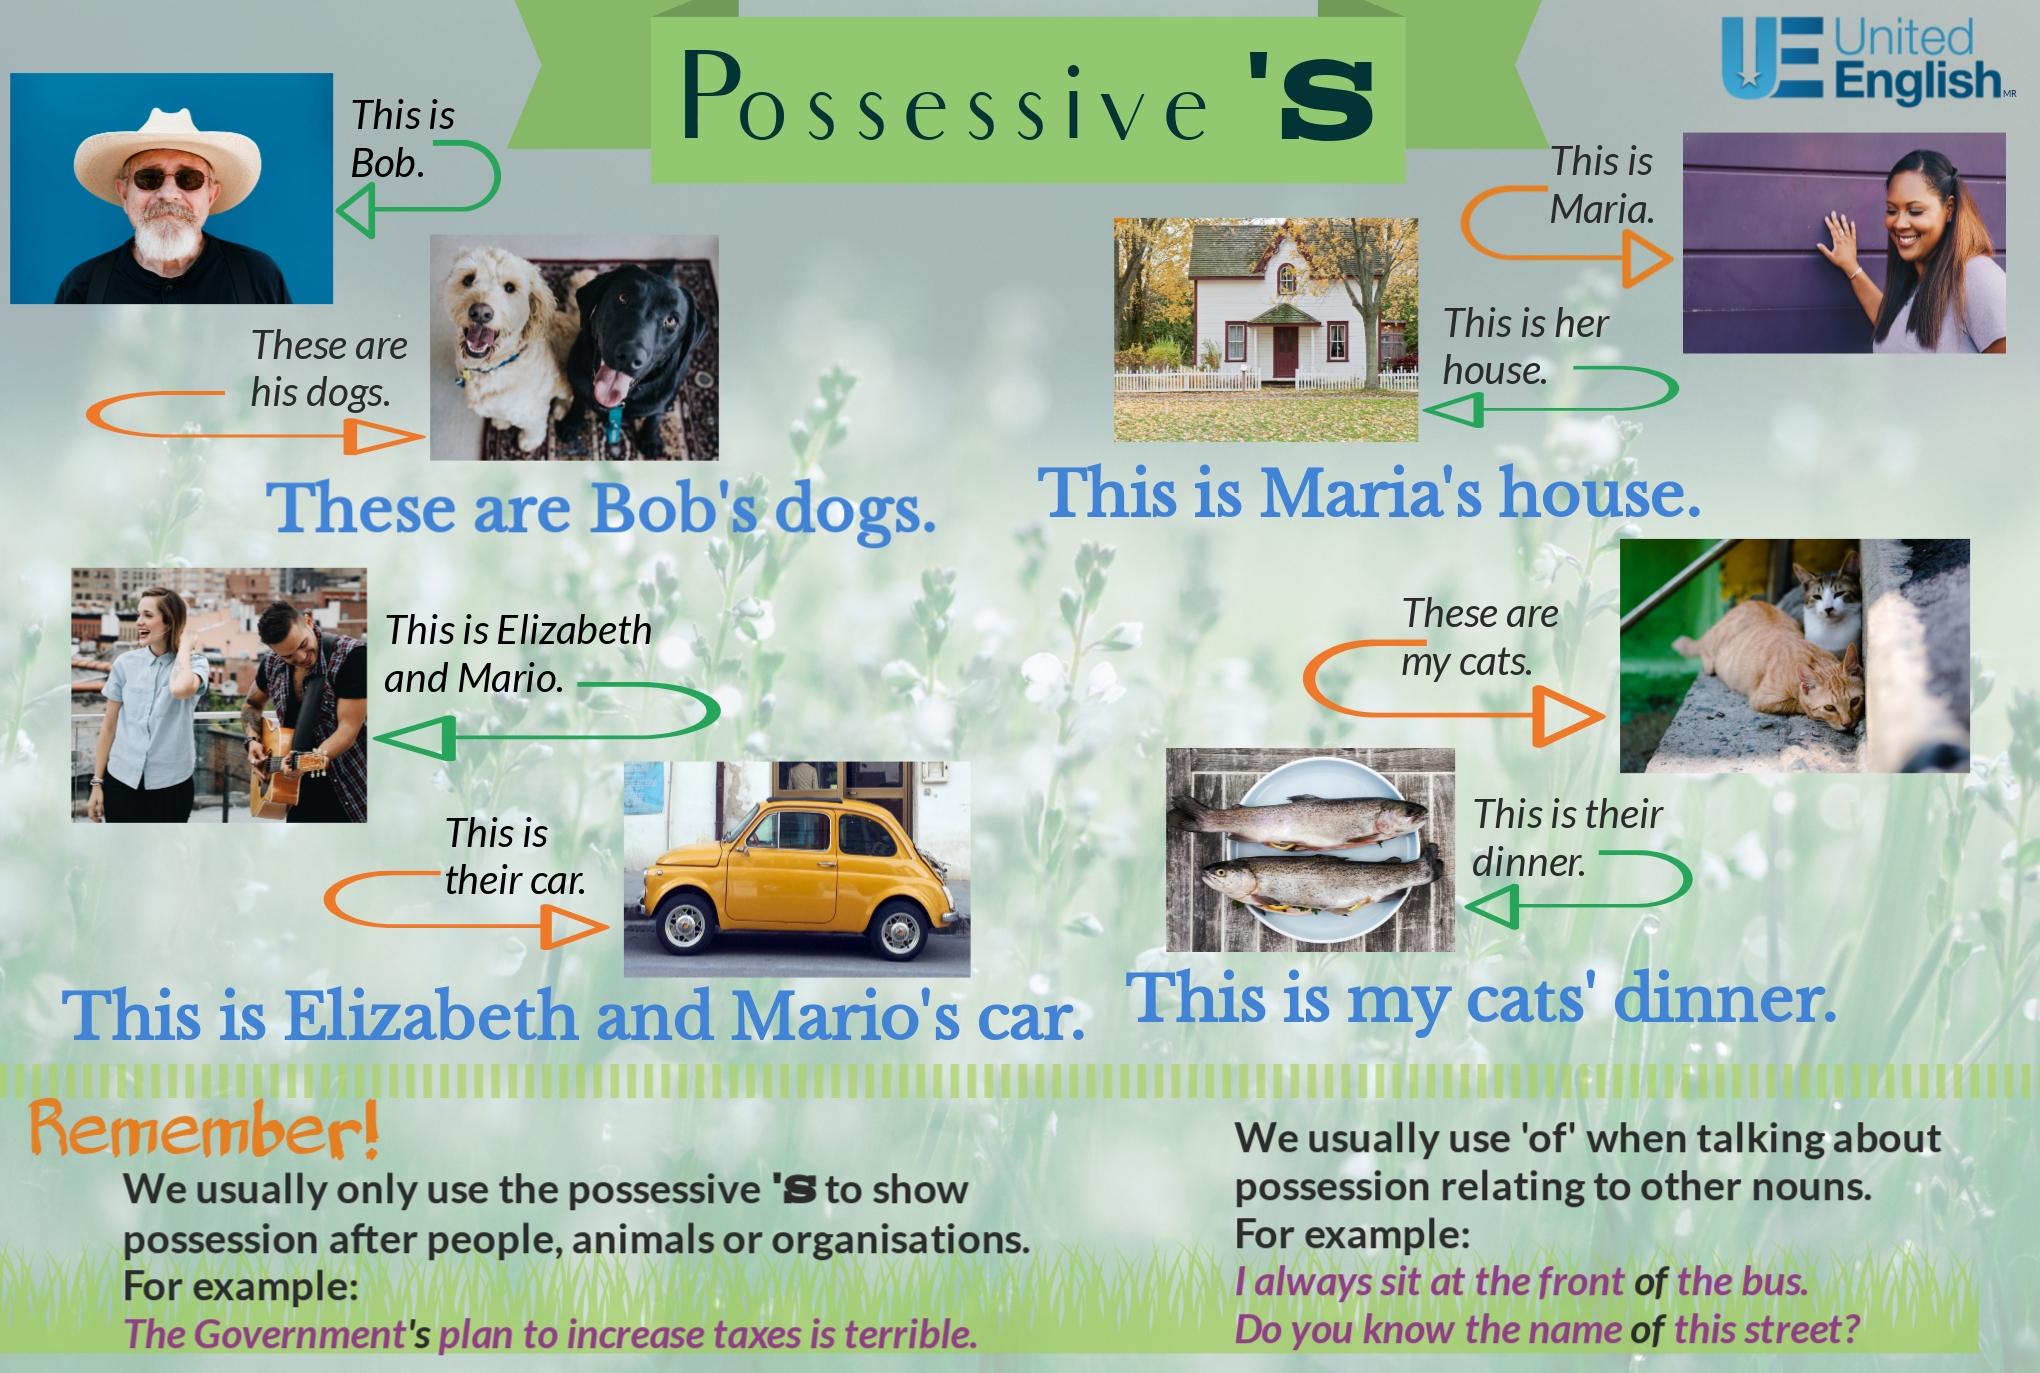 Possessive-s (1).jpg